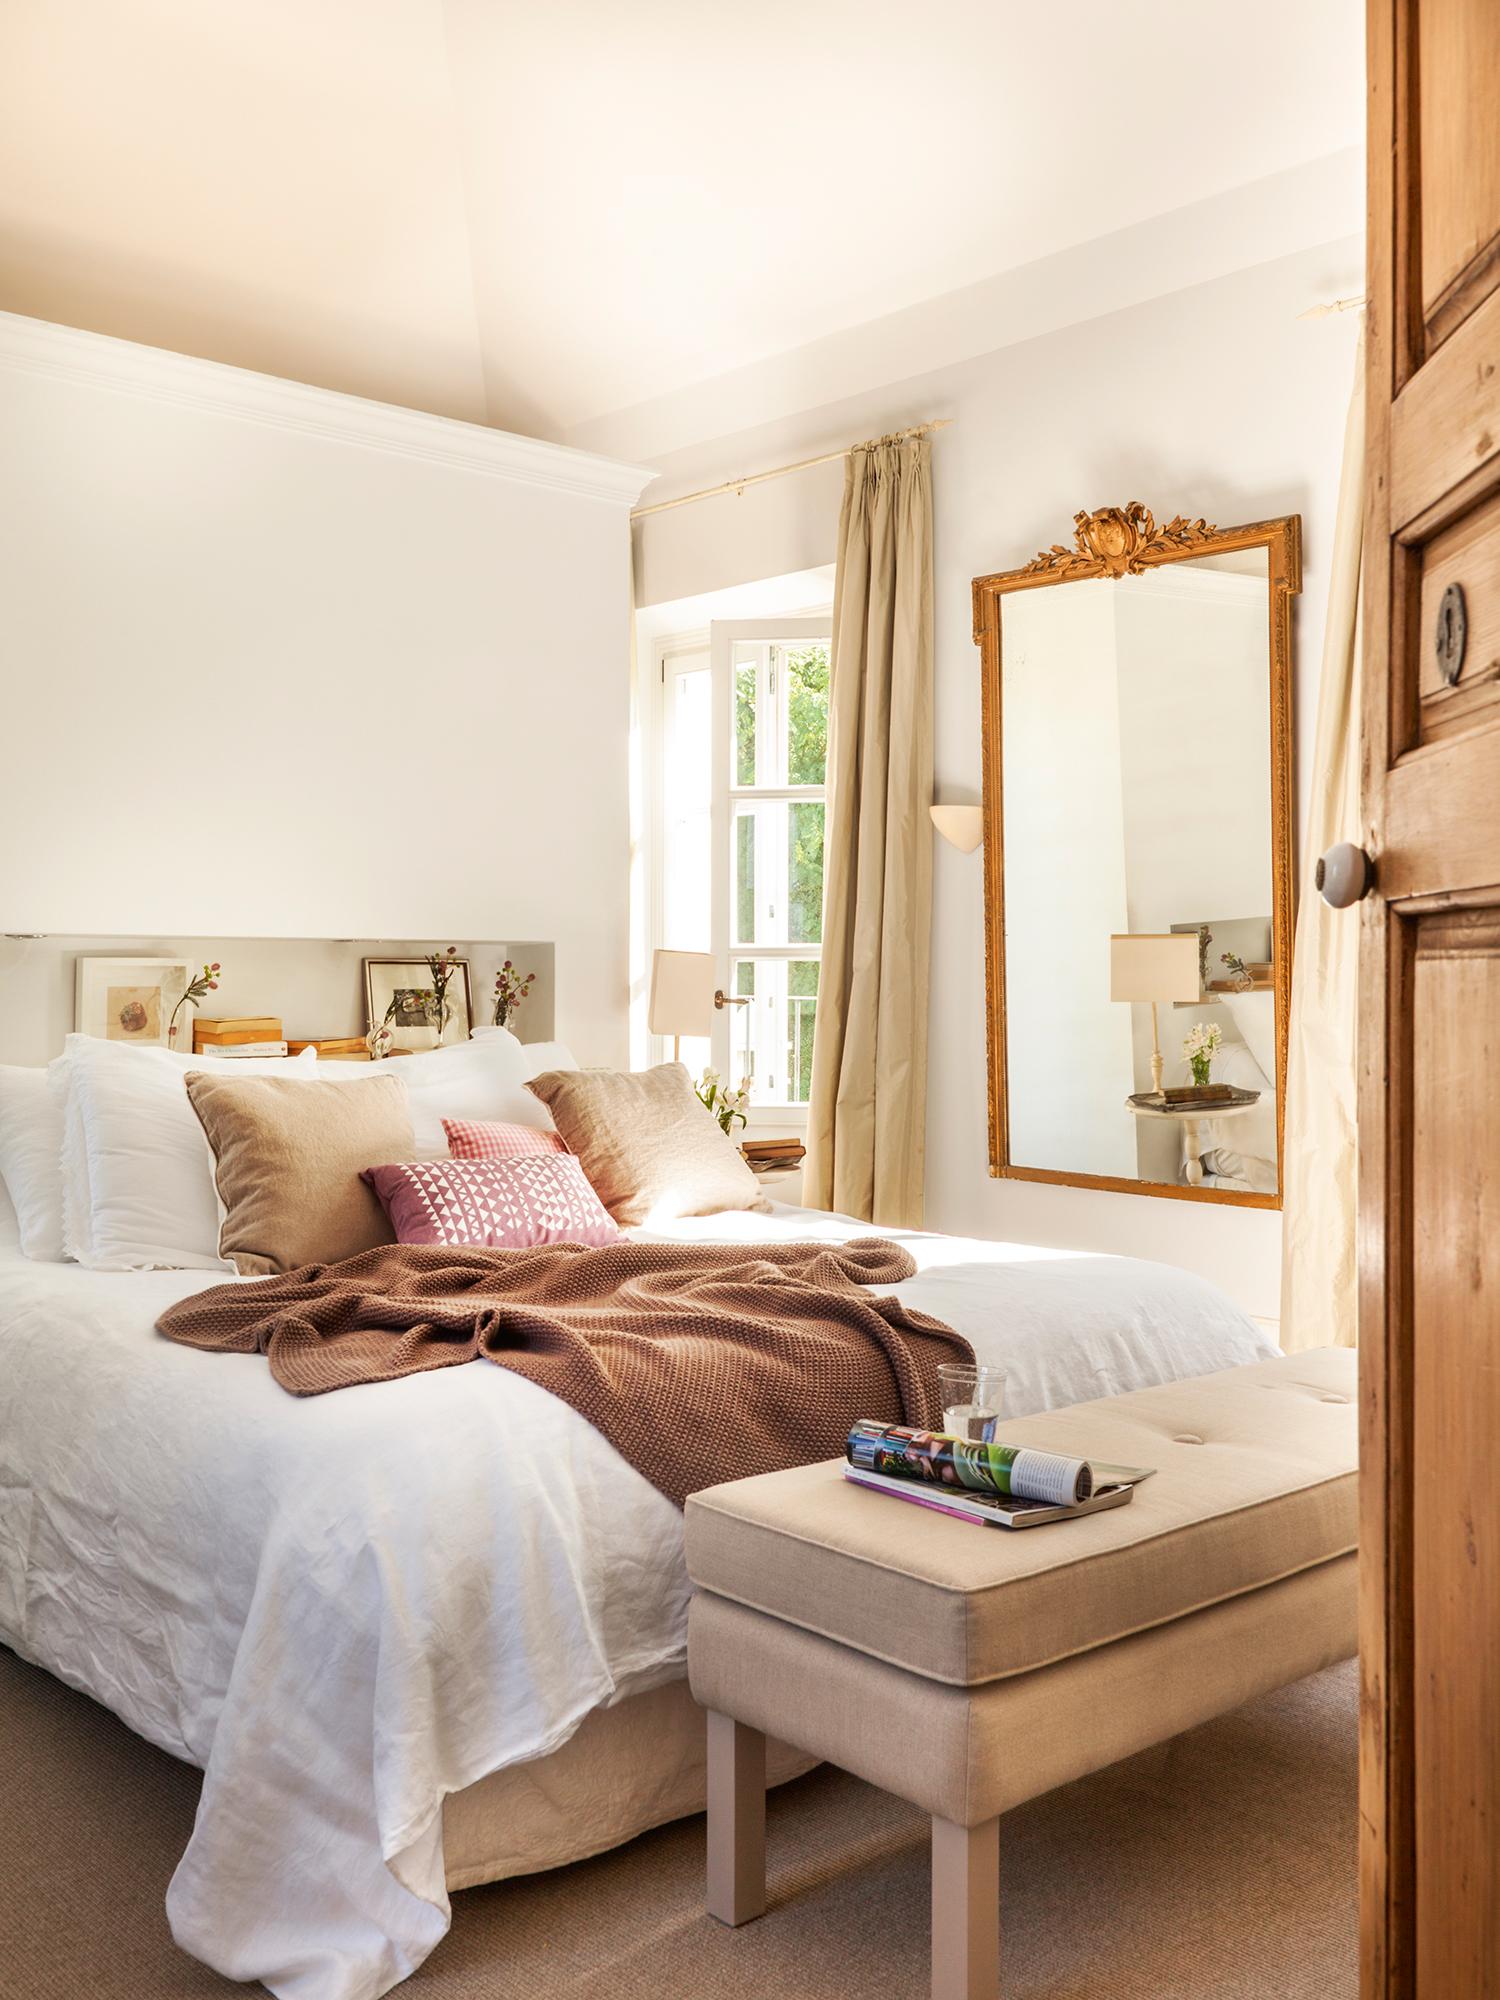 3158 Fotos de Dormitorios